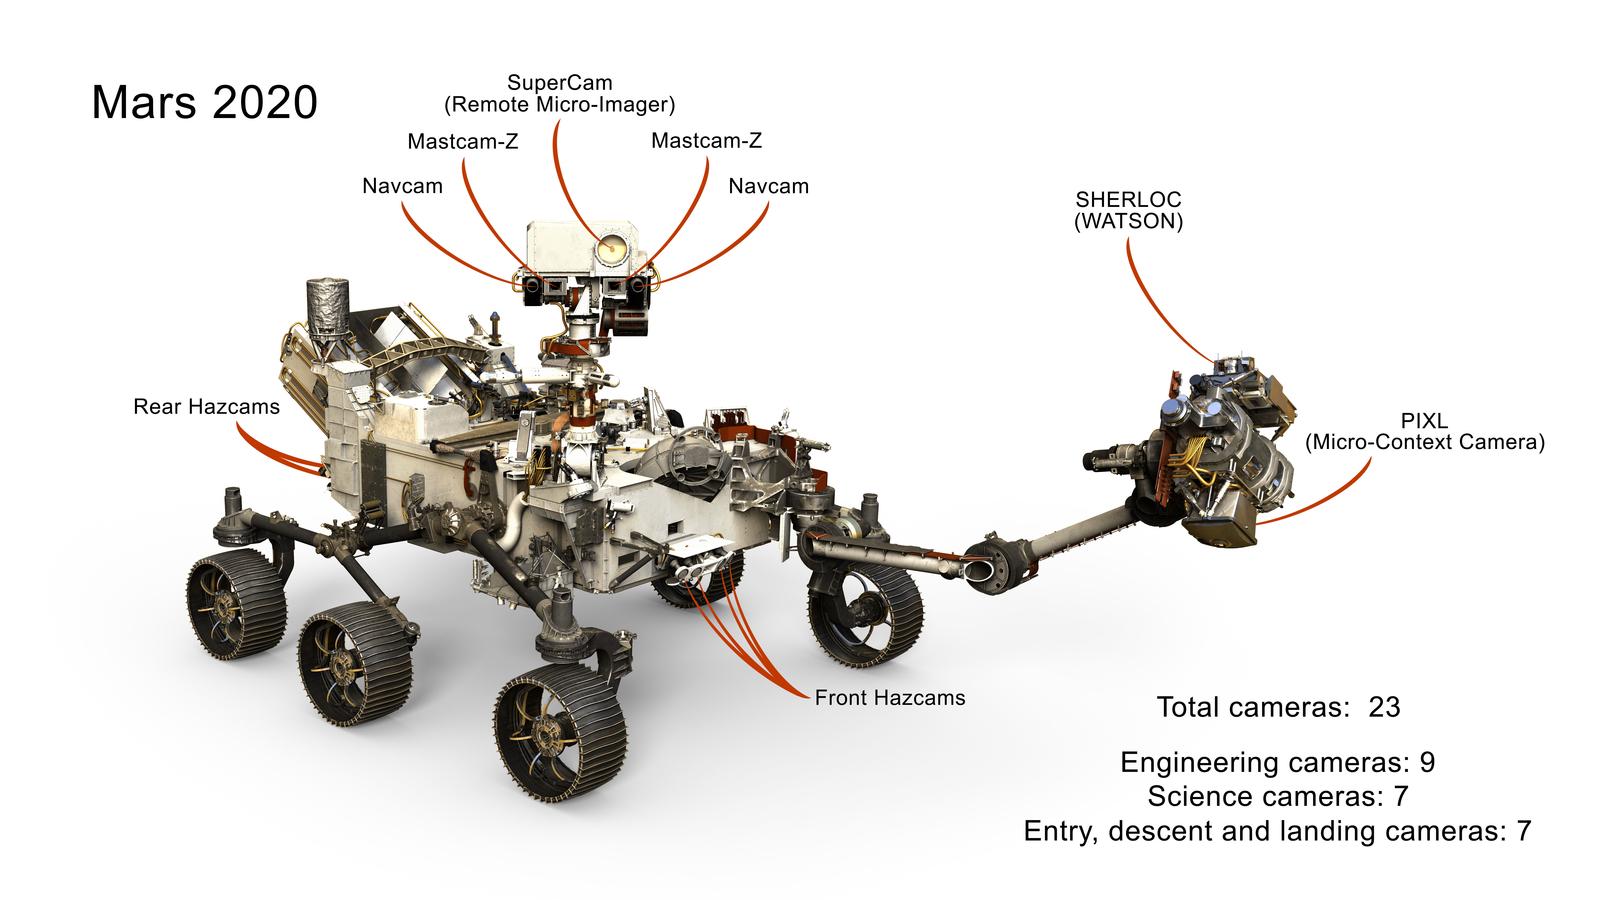 الروبوت يمتلك عددا كبيرا من الكاميرات المخصصة لأهداف متعددة من بينها توجيه الحركة وتوثيق الصور للبحث عن مؤشرات حياة